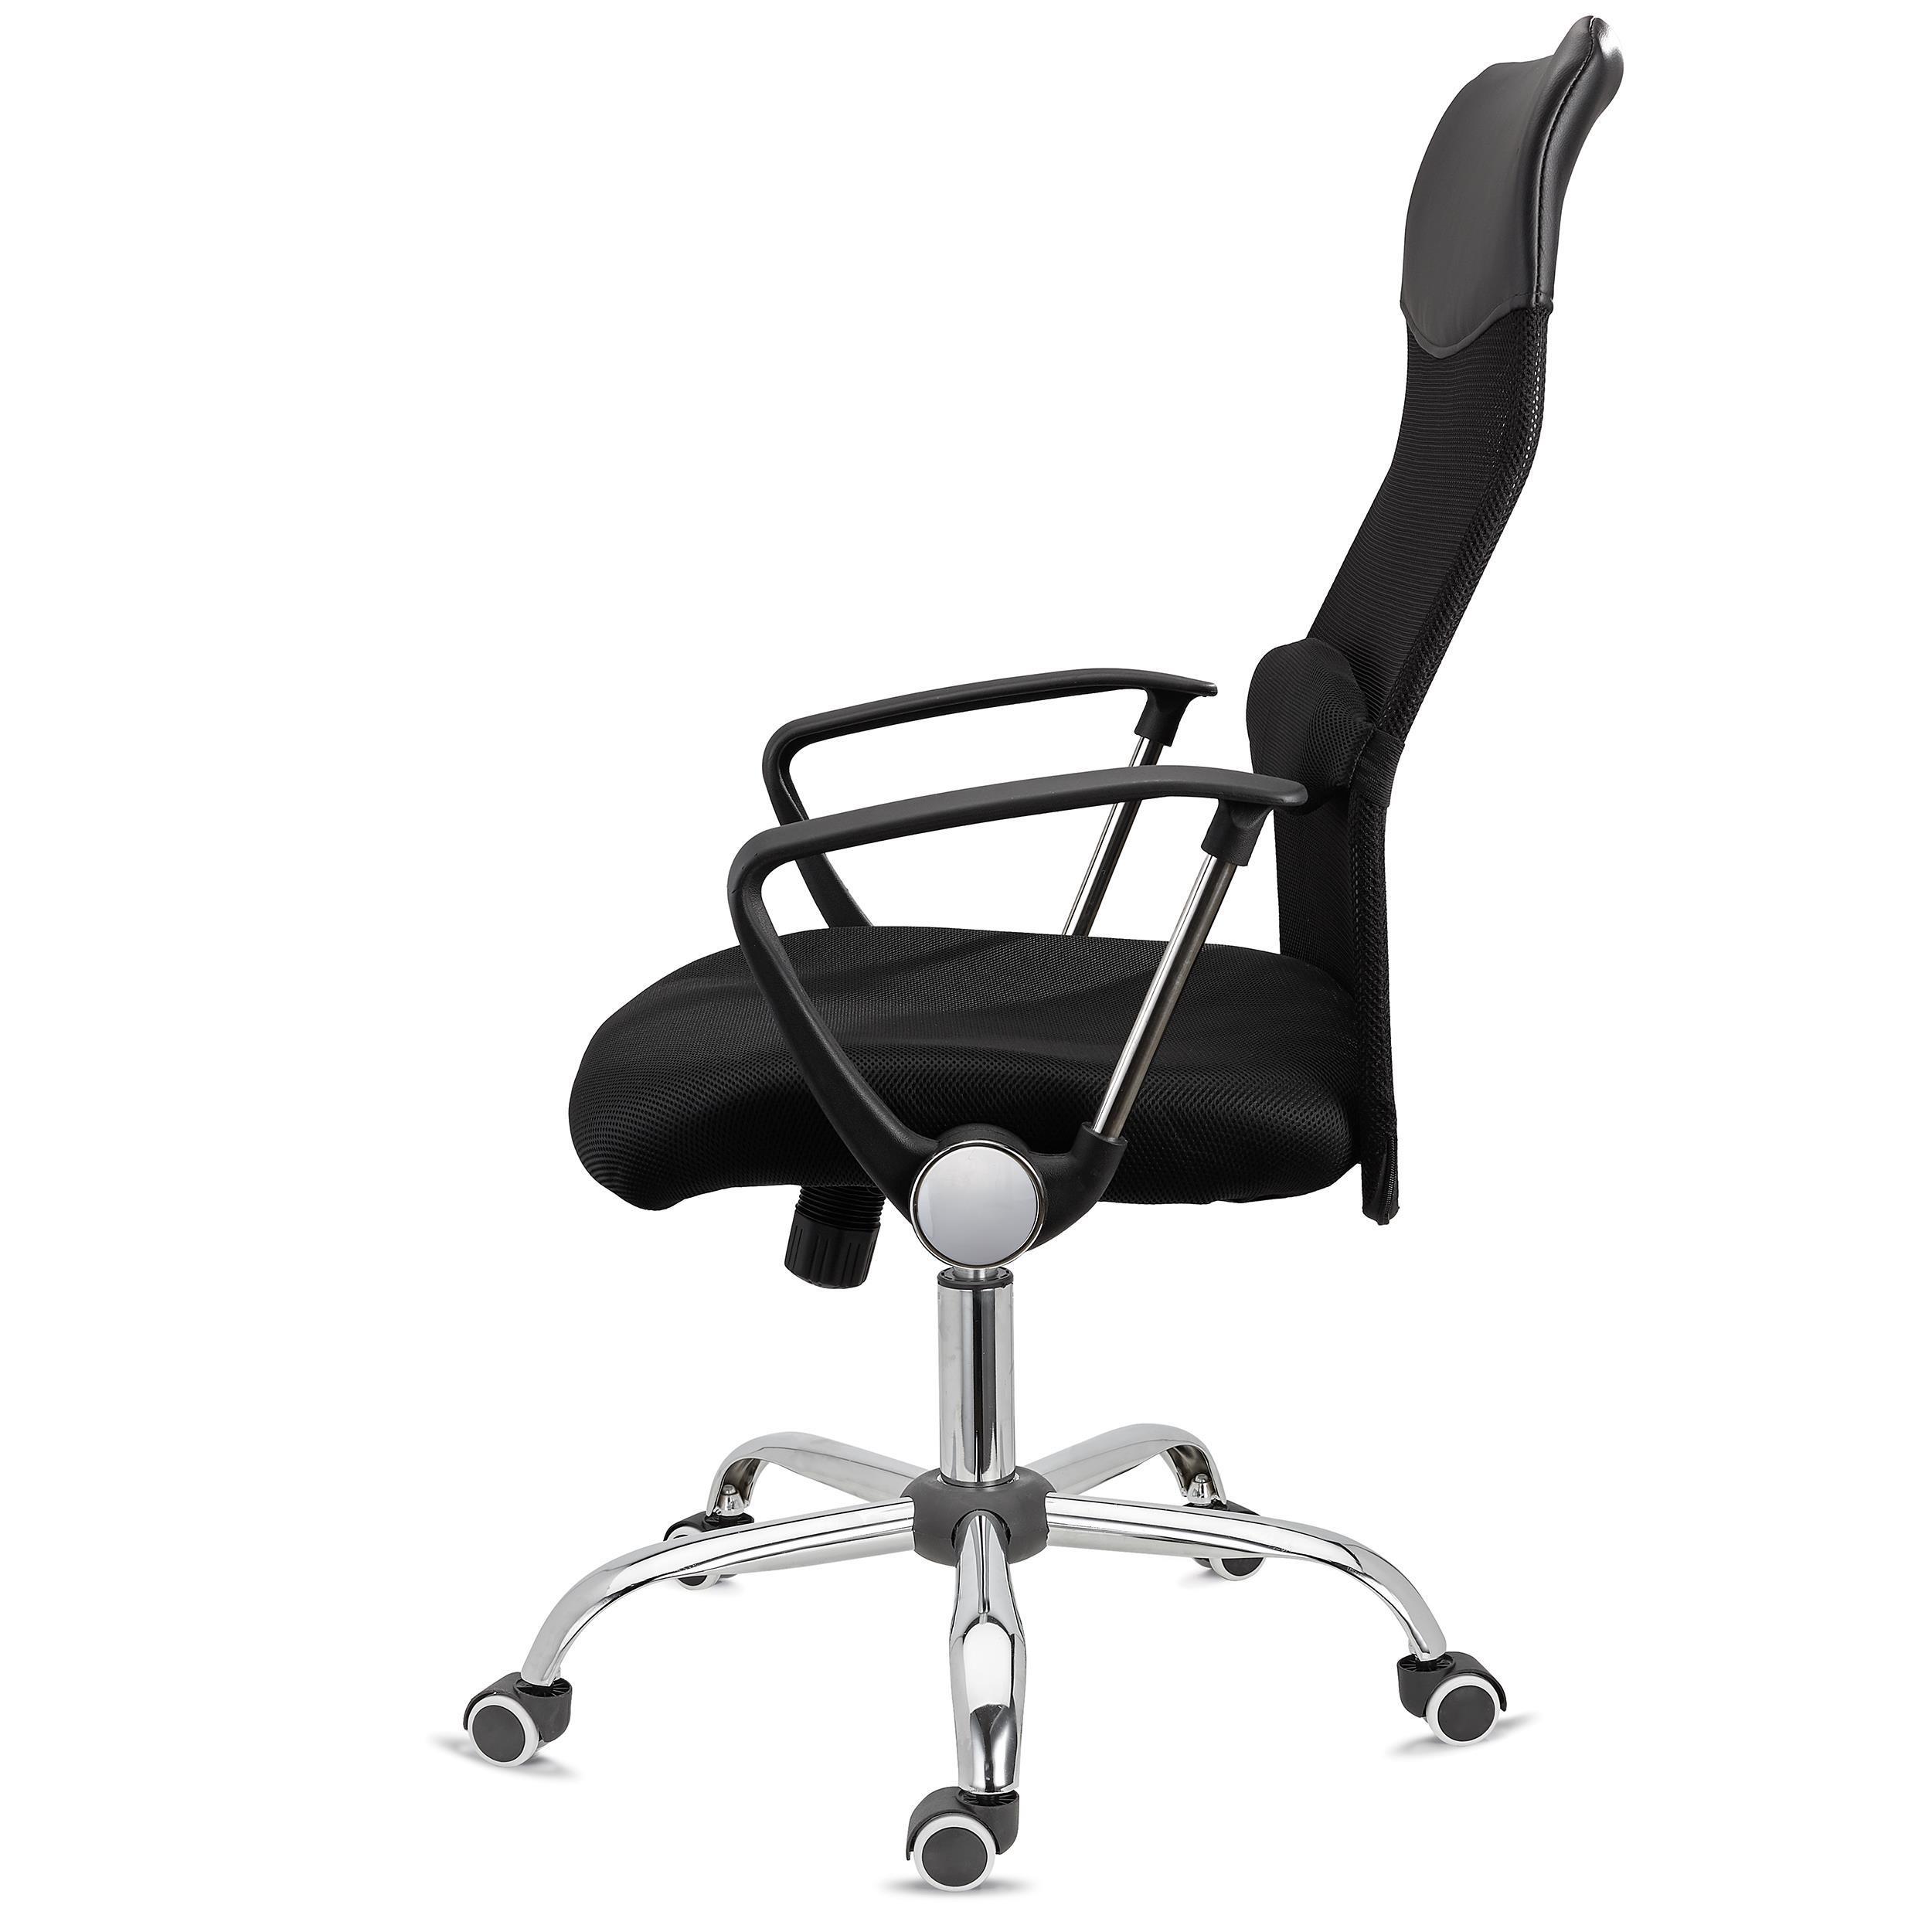 vente chaude en ligne e2bdd 3a78a Chaise de bureau ASPEN, Maille Respirable et cuir, assise rembourrée, Prix  incroyable, Noir